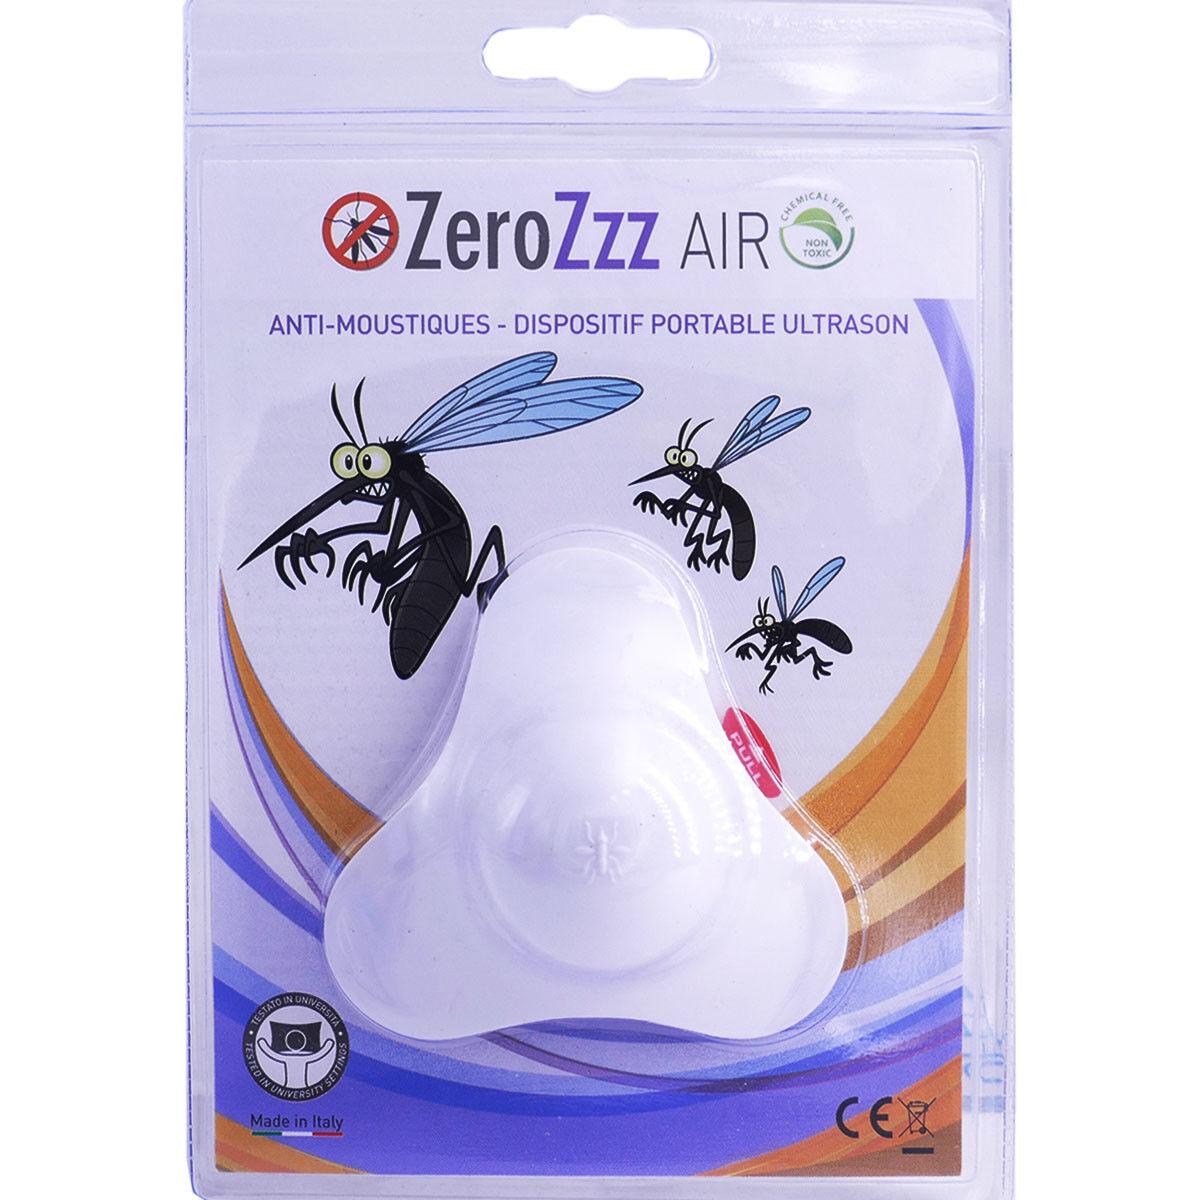 DIVERS Zerozzz air anti moustiques dispositif portable ultrason